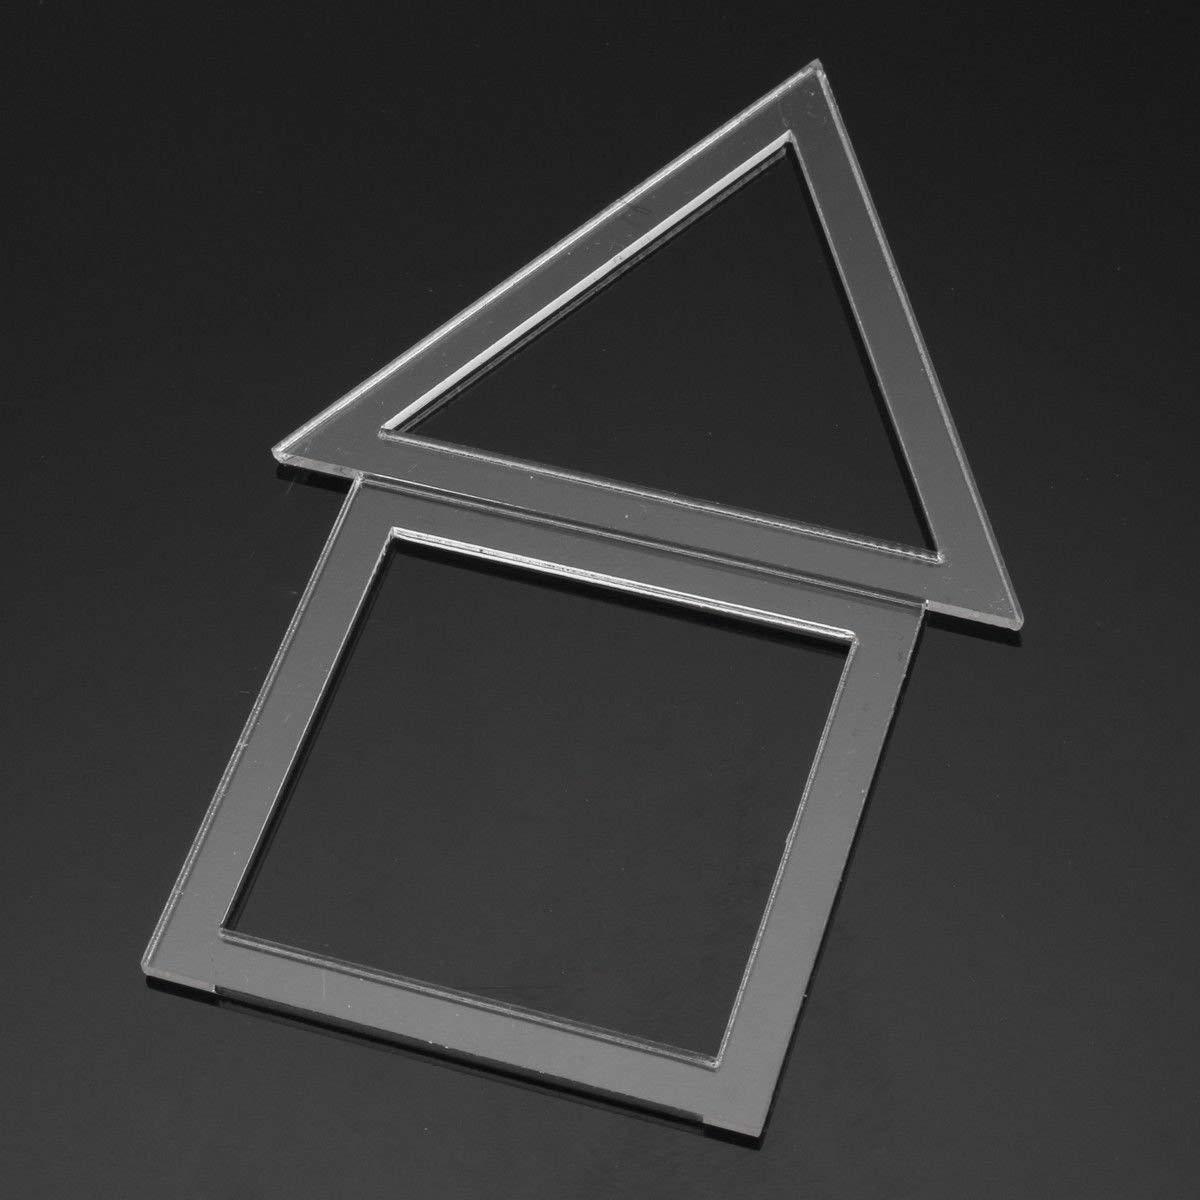 Ogquaton Durevoli modelli di quilting acrilico da 54 pezzi Stencil da cucito Set di strumenti per cucire righello patchwork